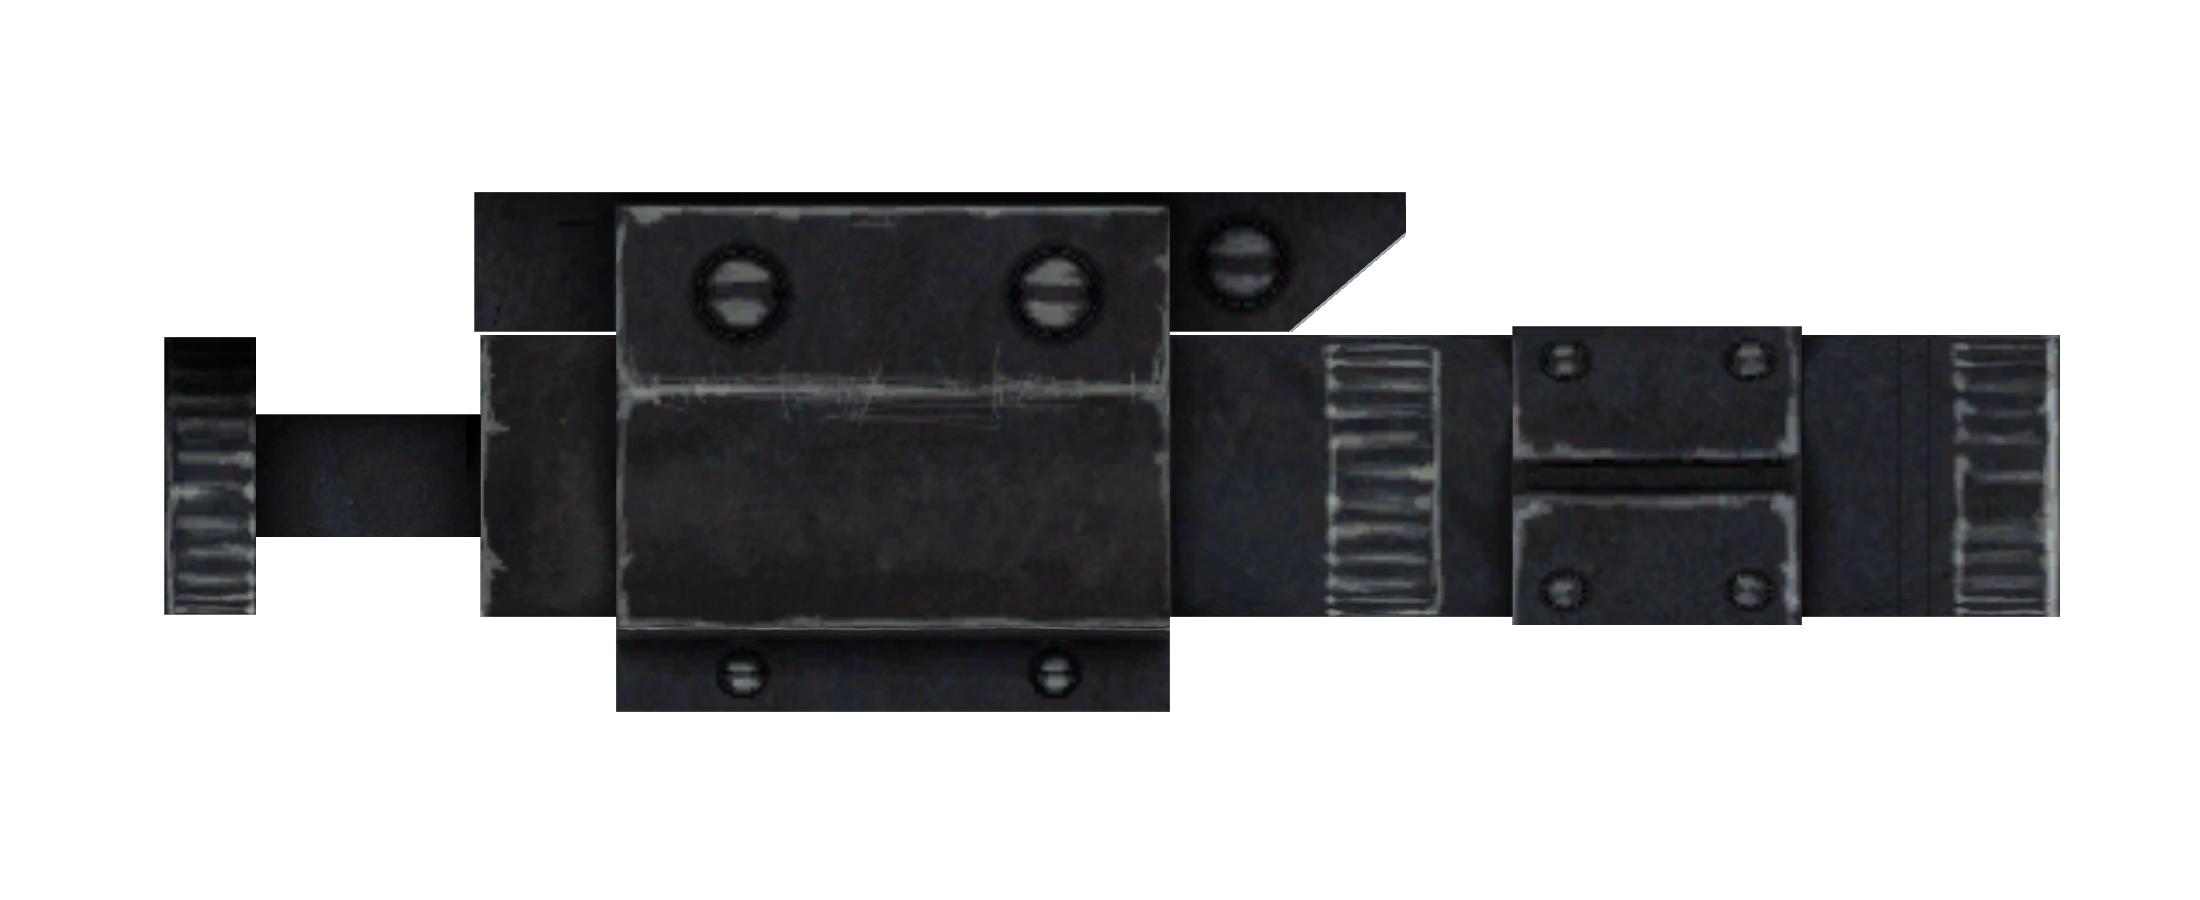 10mm pistol laser sight